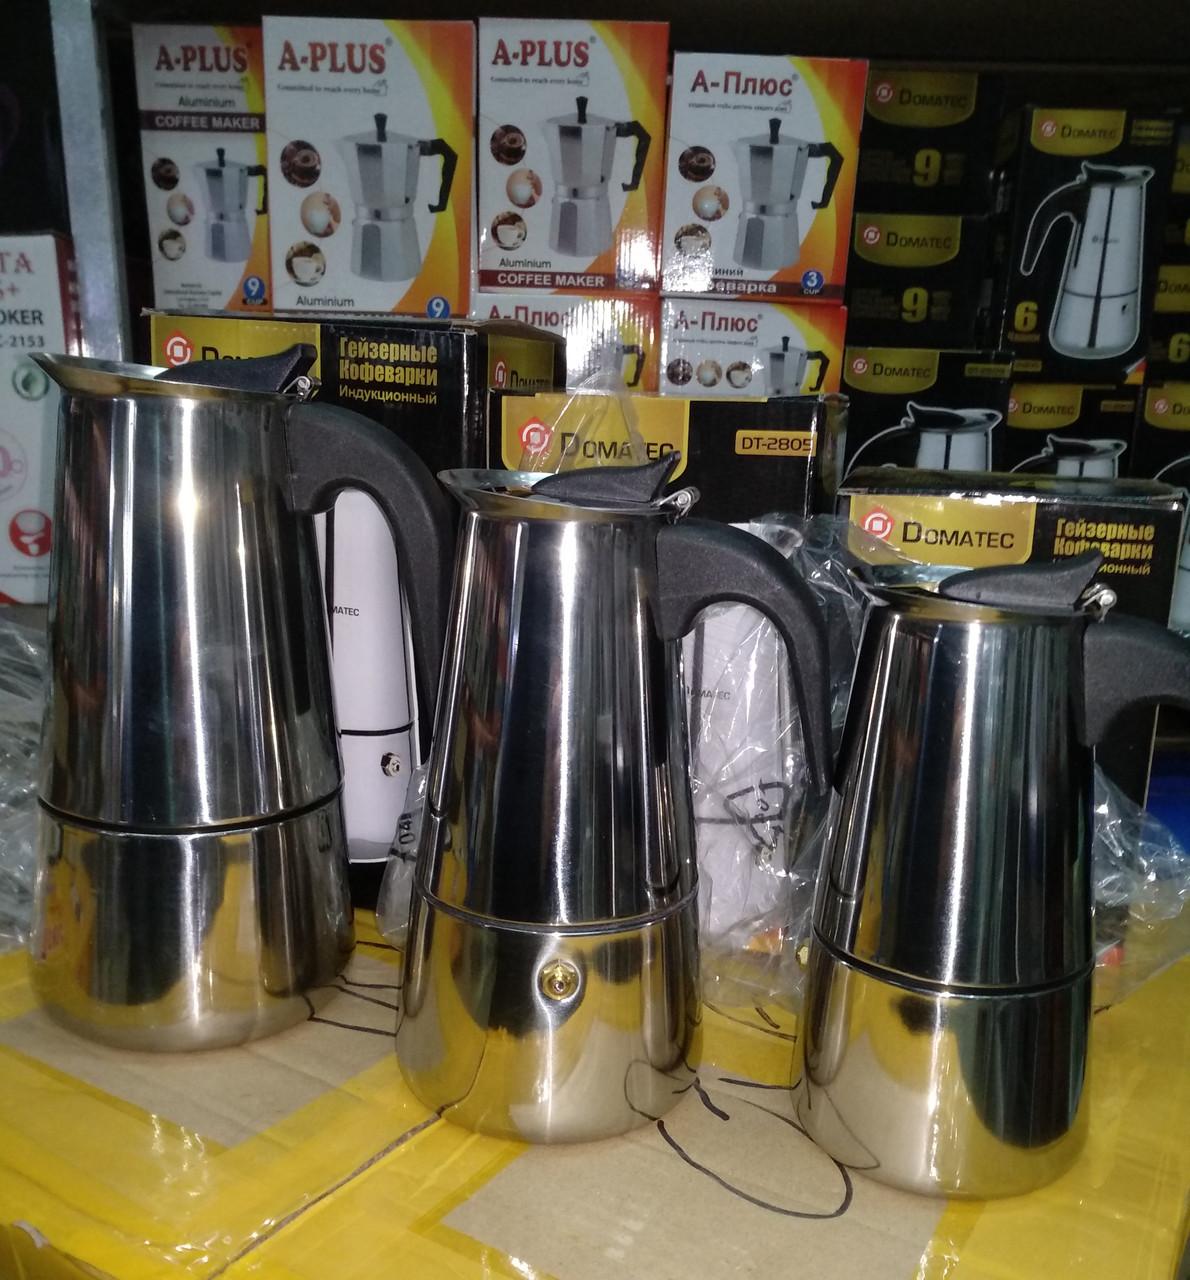 Гейзерная кофеварка Domotec DT-2805 (на 6 чашек)